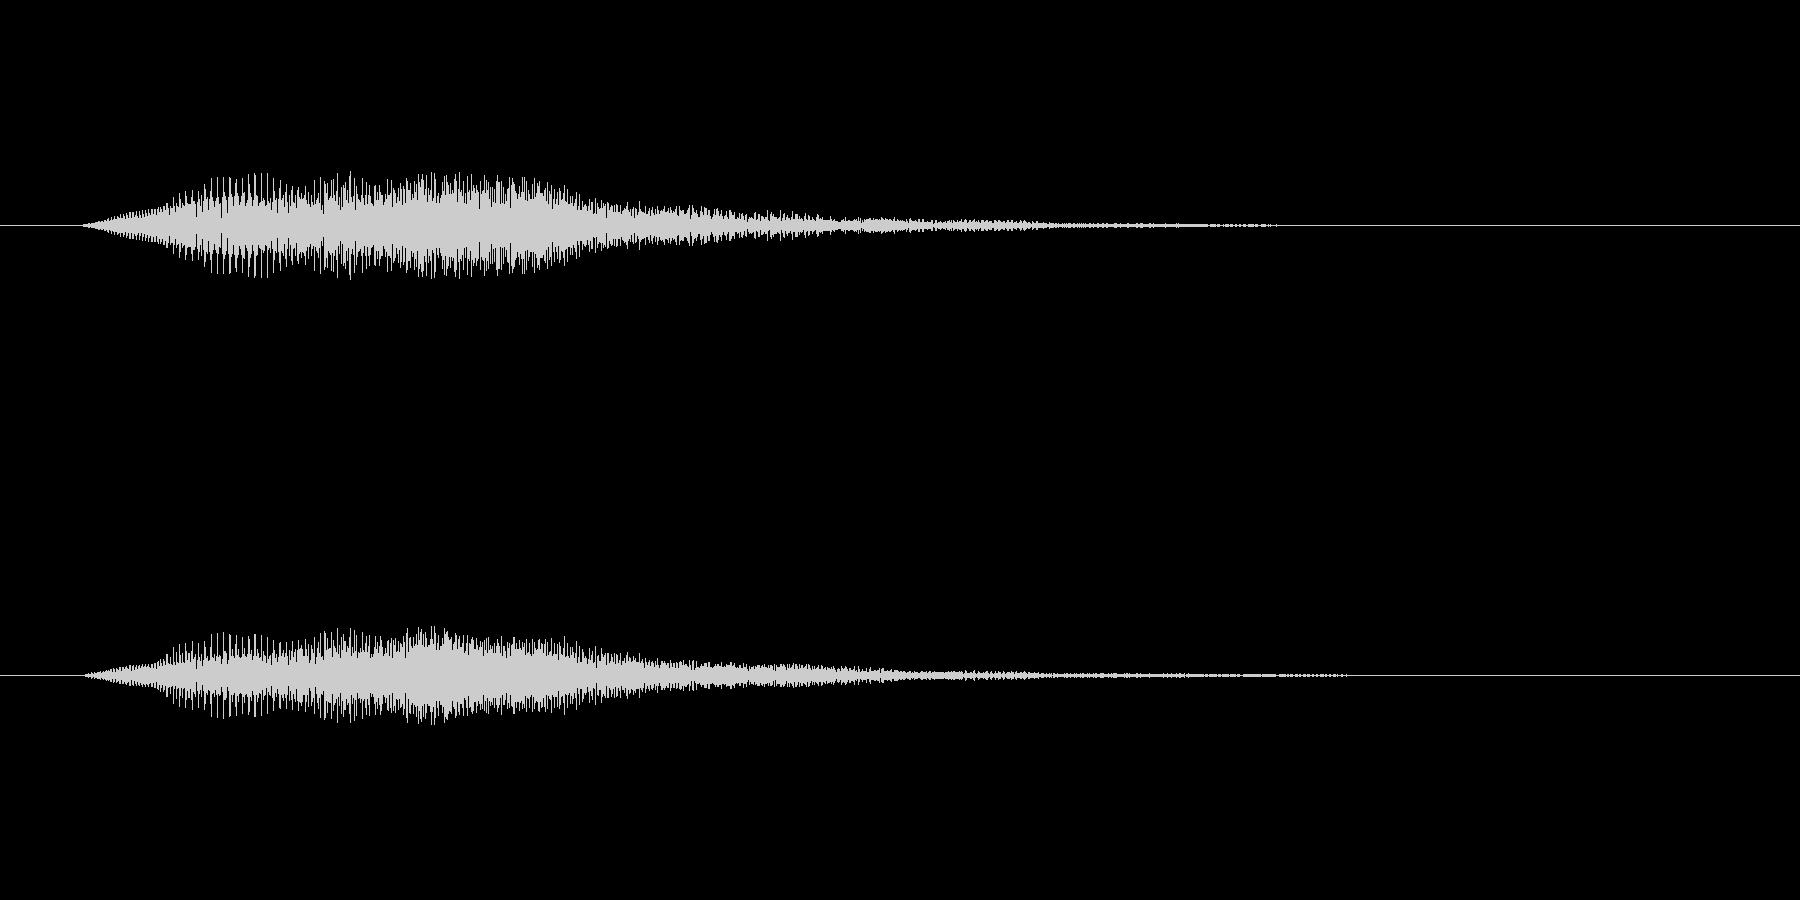 ボタンを押し決定した時の音です の未再生の波形